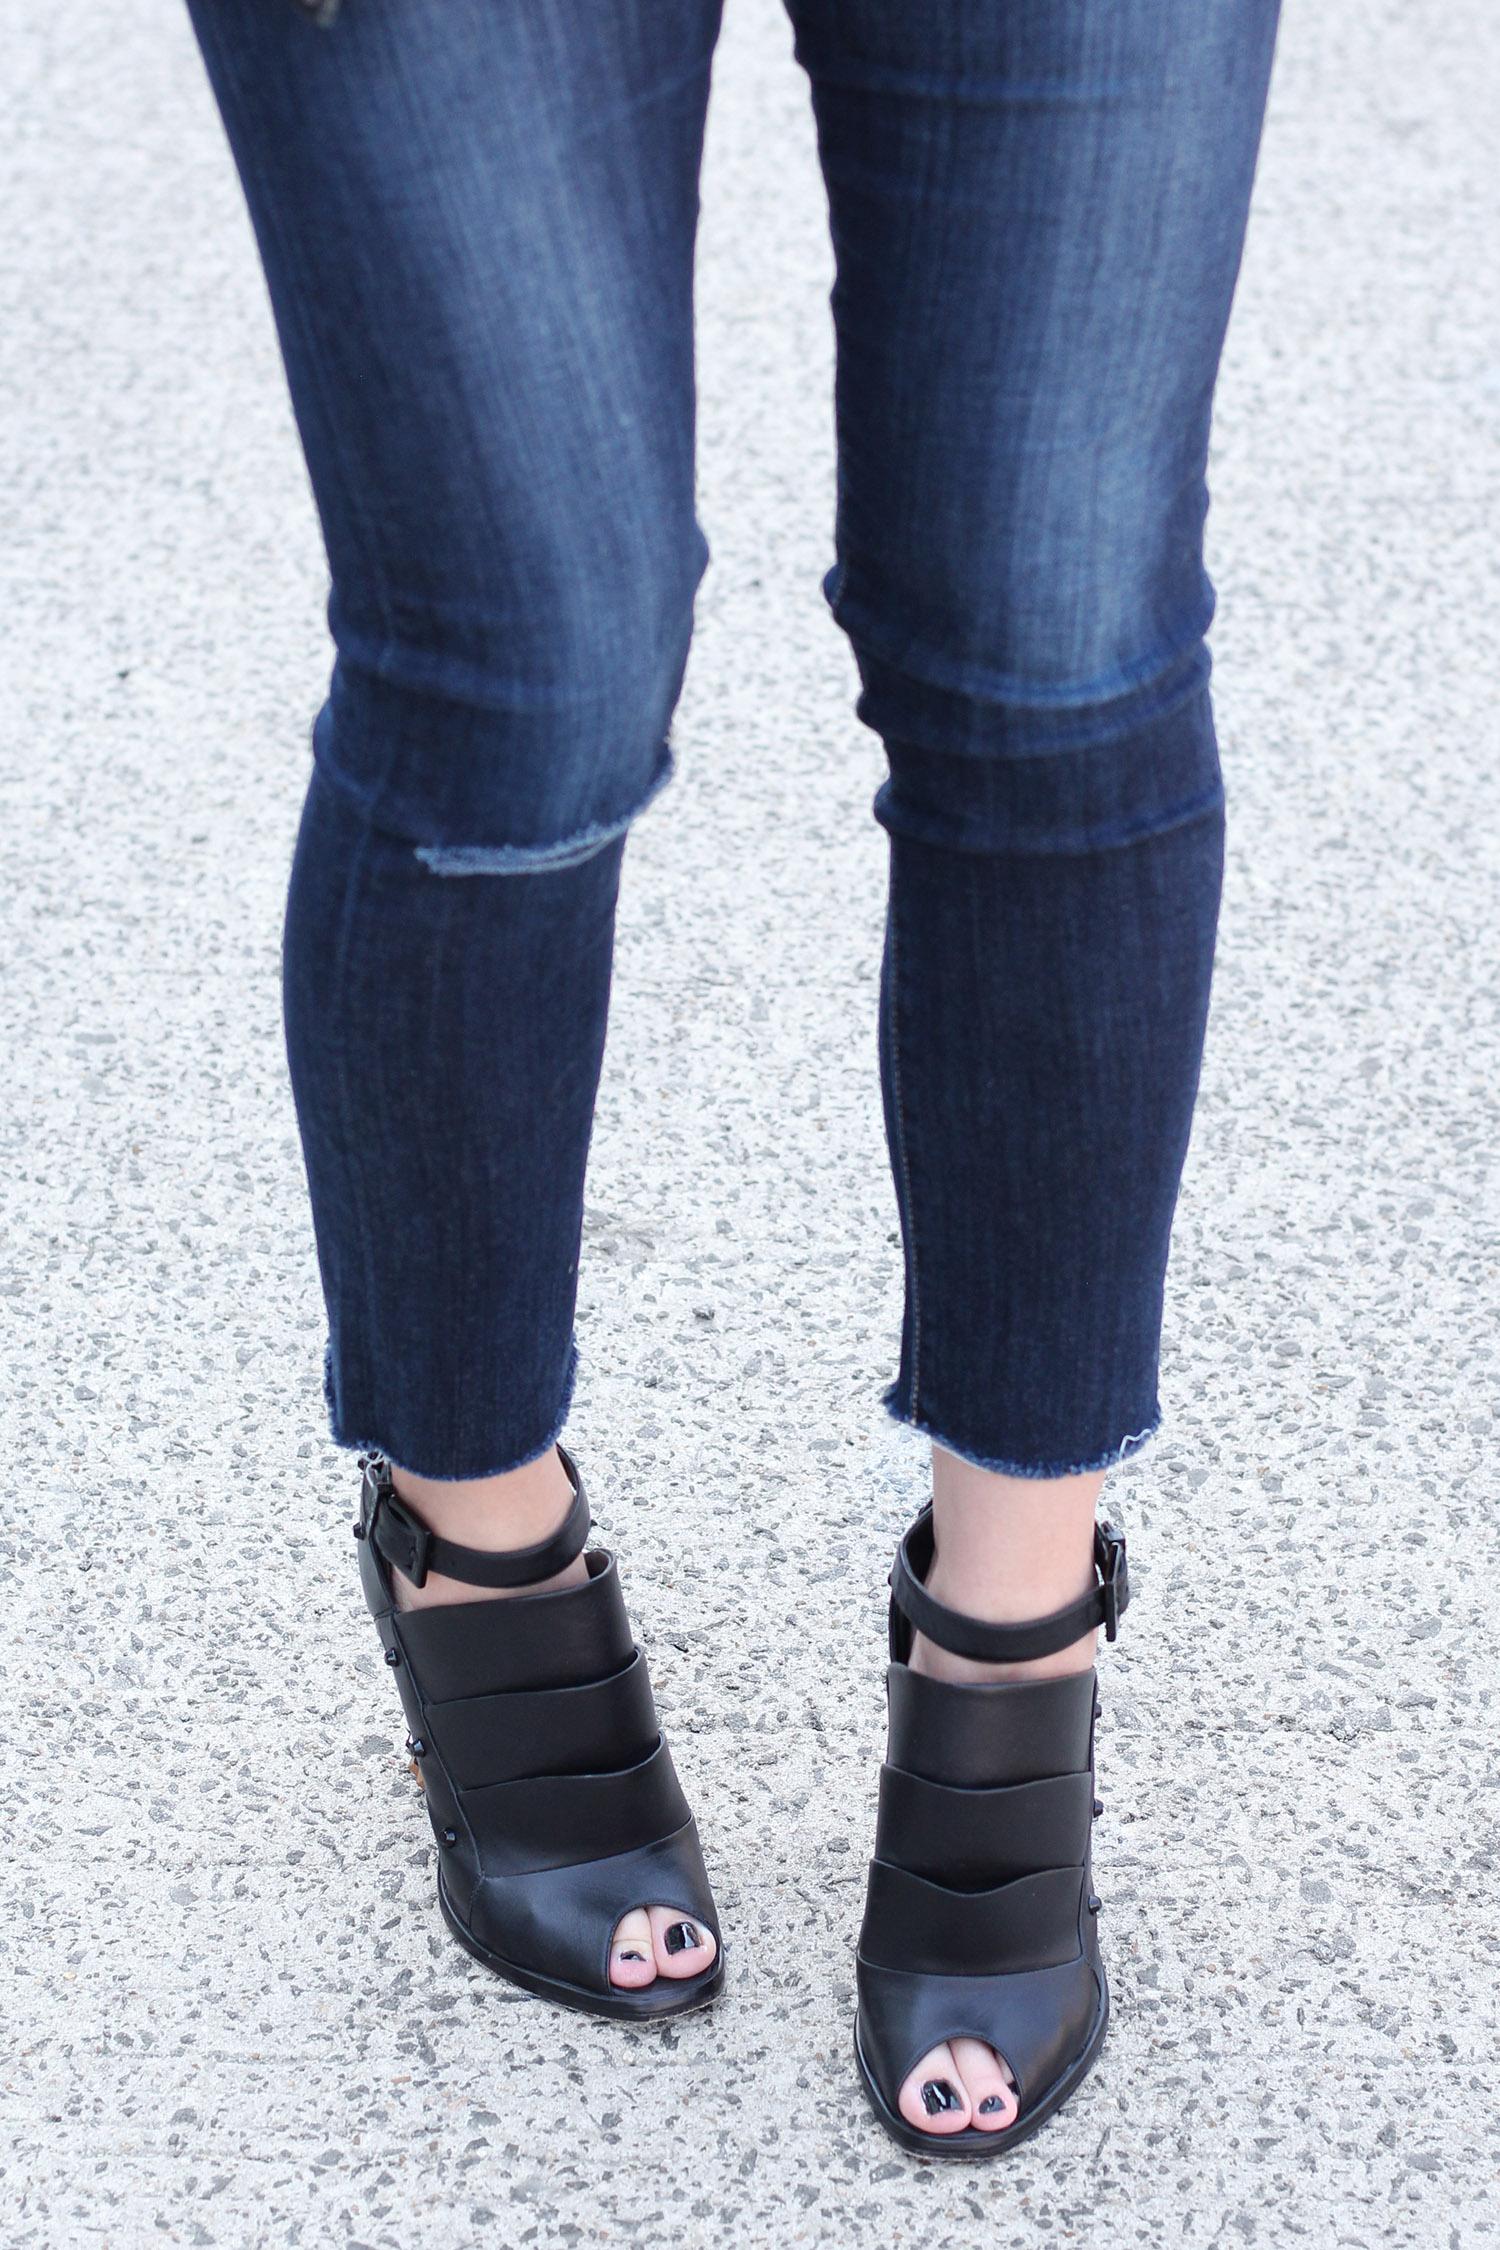 Fendi Ankle Boots, Peep Toe Ankle Booties